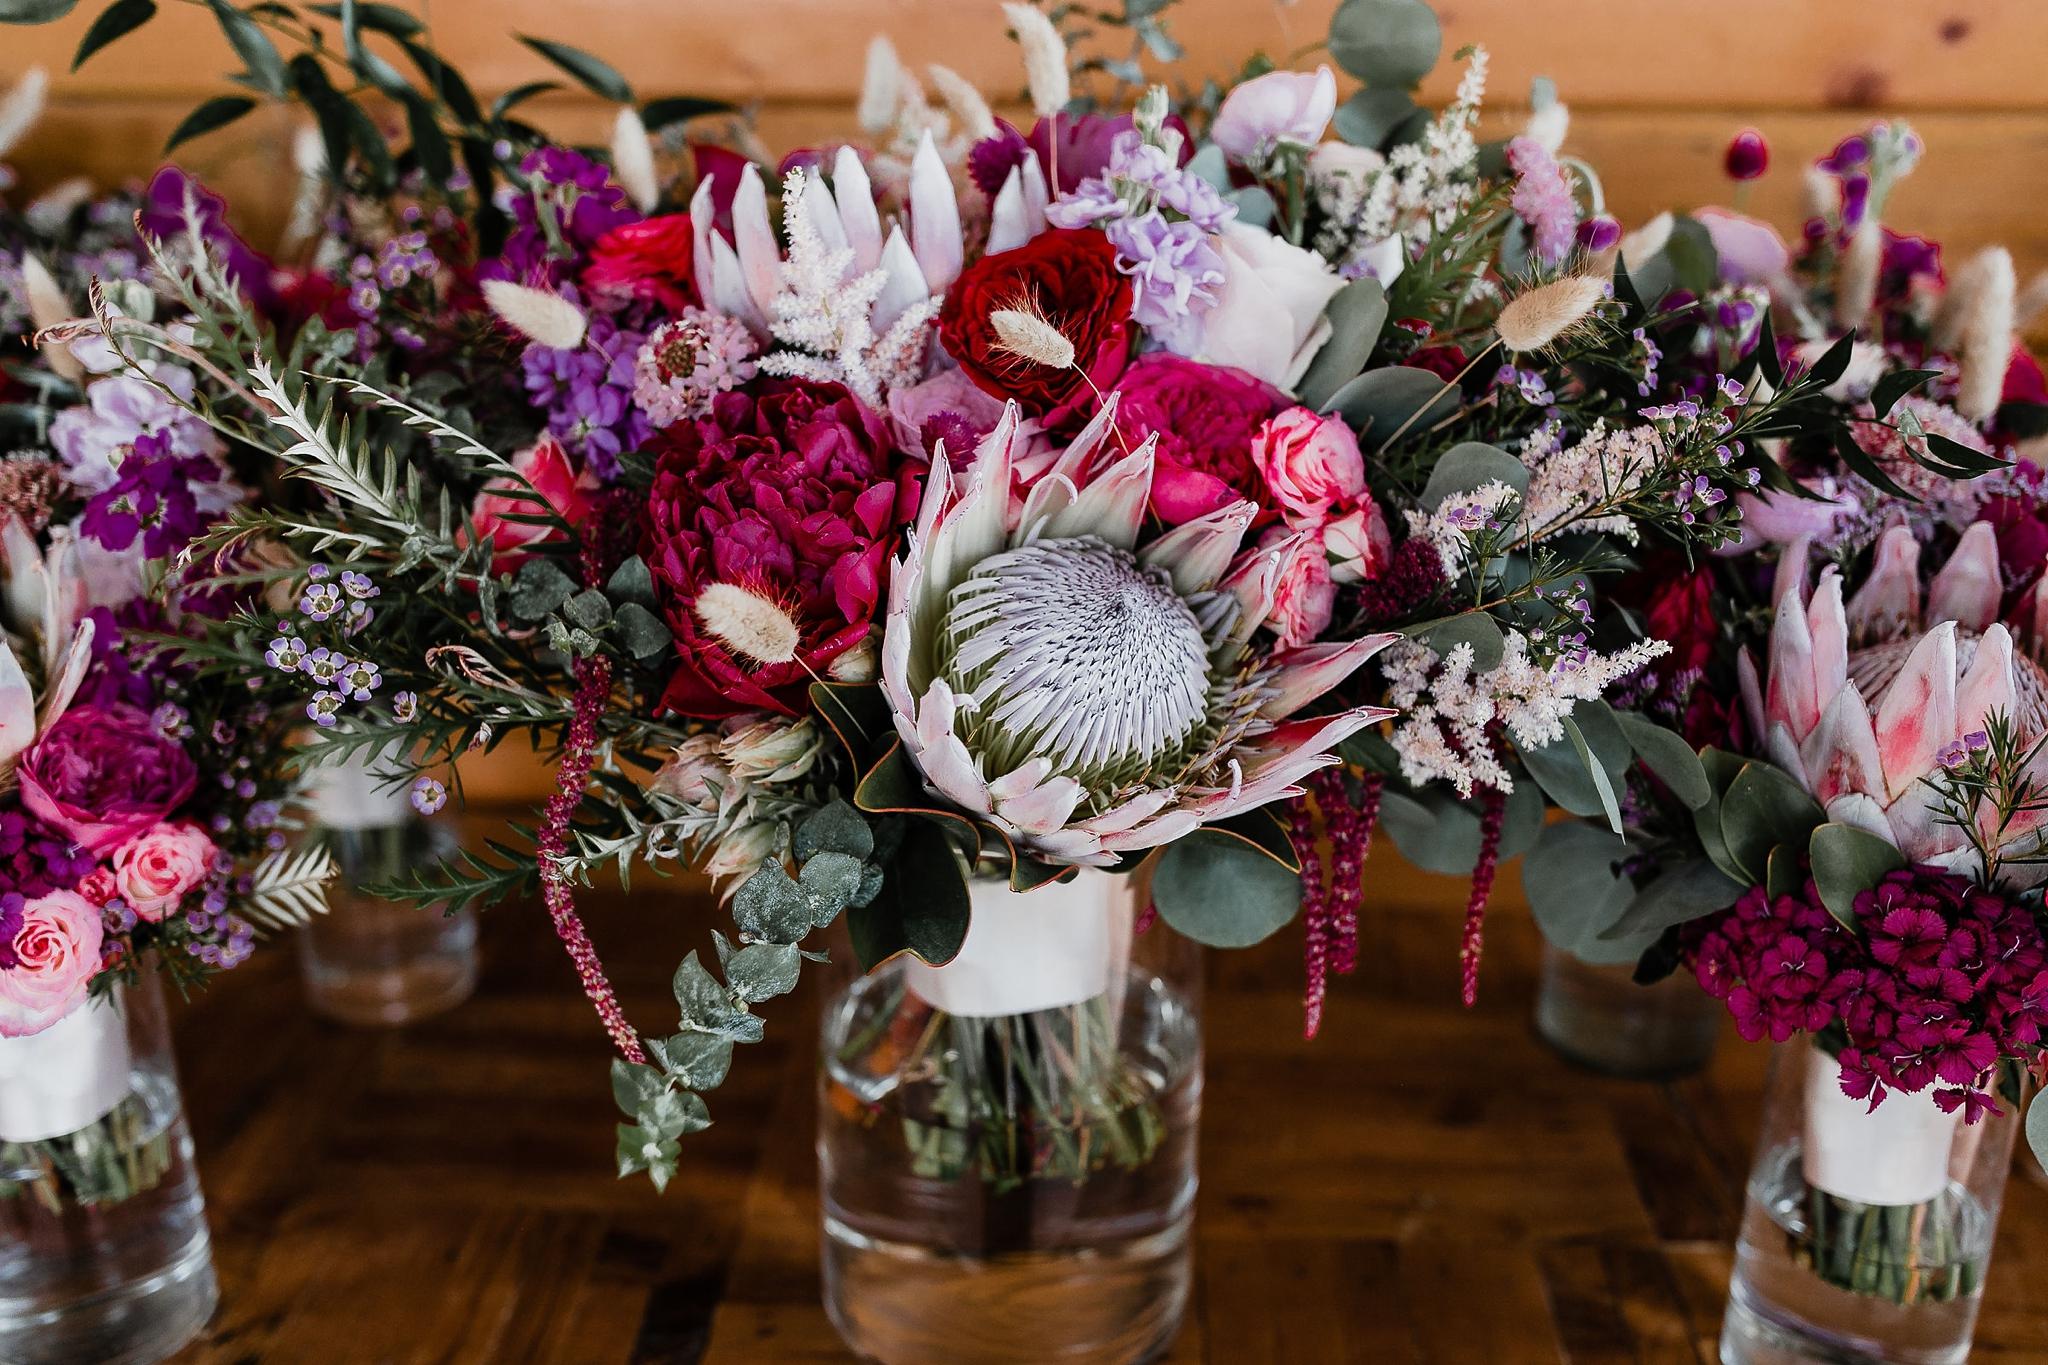 Alicia+lucia+photography+-+albuquerque+wedding+photographer+-+santa+fe+wedding+photography+-+new+mexico+wedding+photographer+-+new+mexico+wedding+-+new+mexico+wedding+-+wedding+florals+-+desert+wedding+-+wedding+trends_0074.jpg